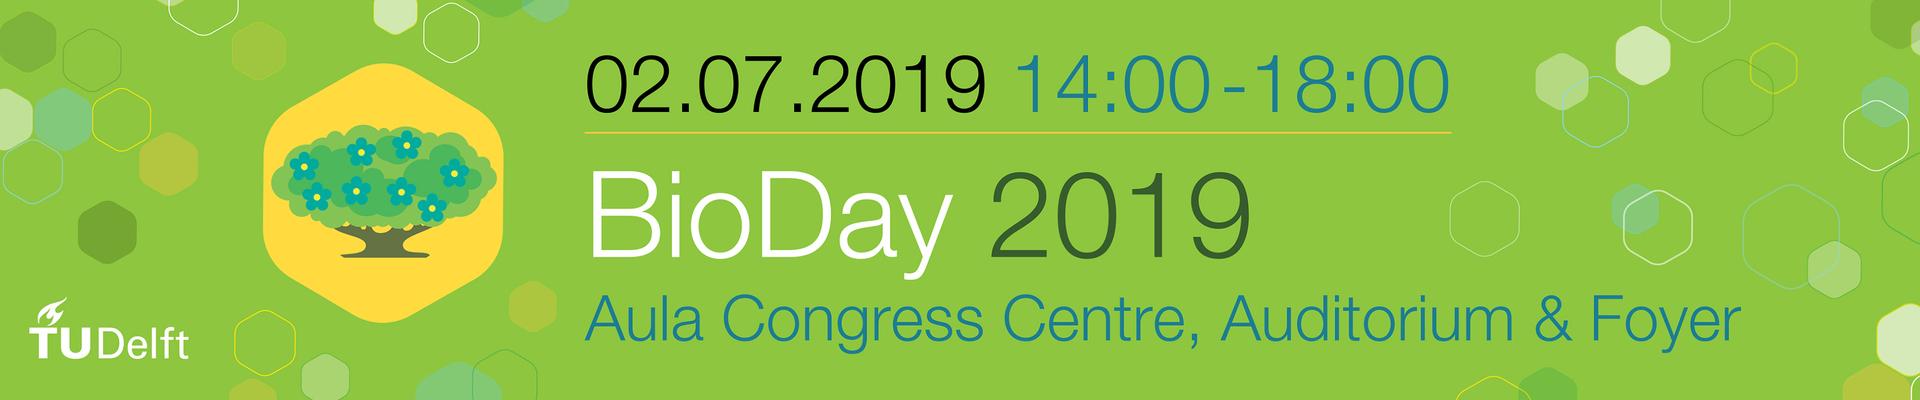 BioDay 2019